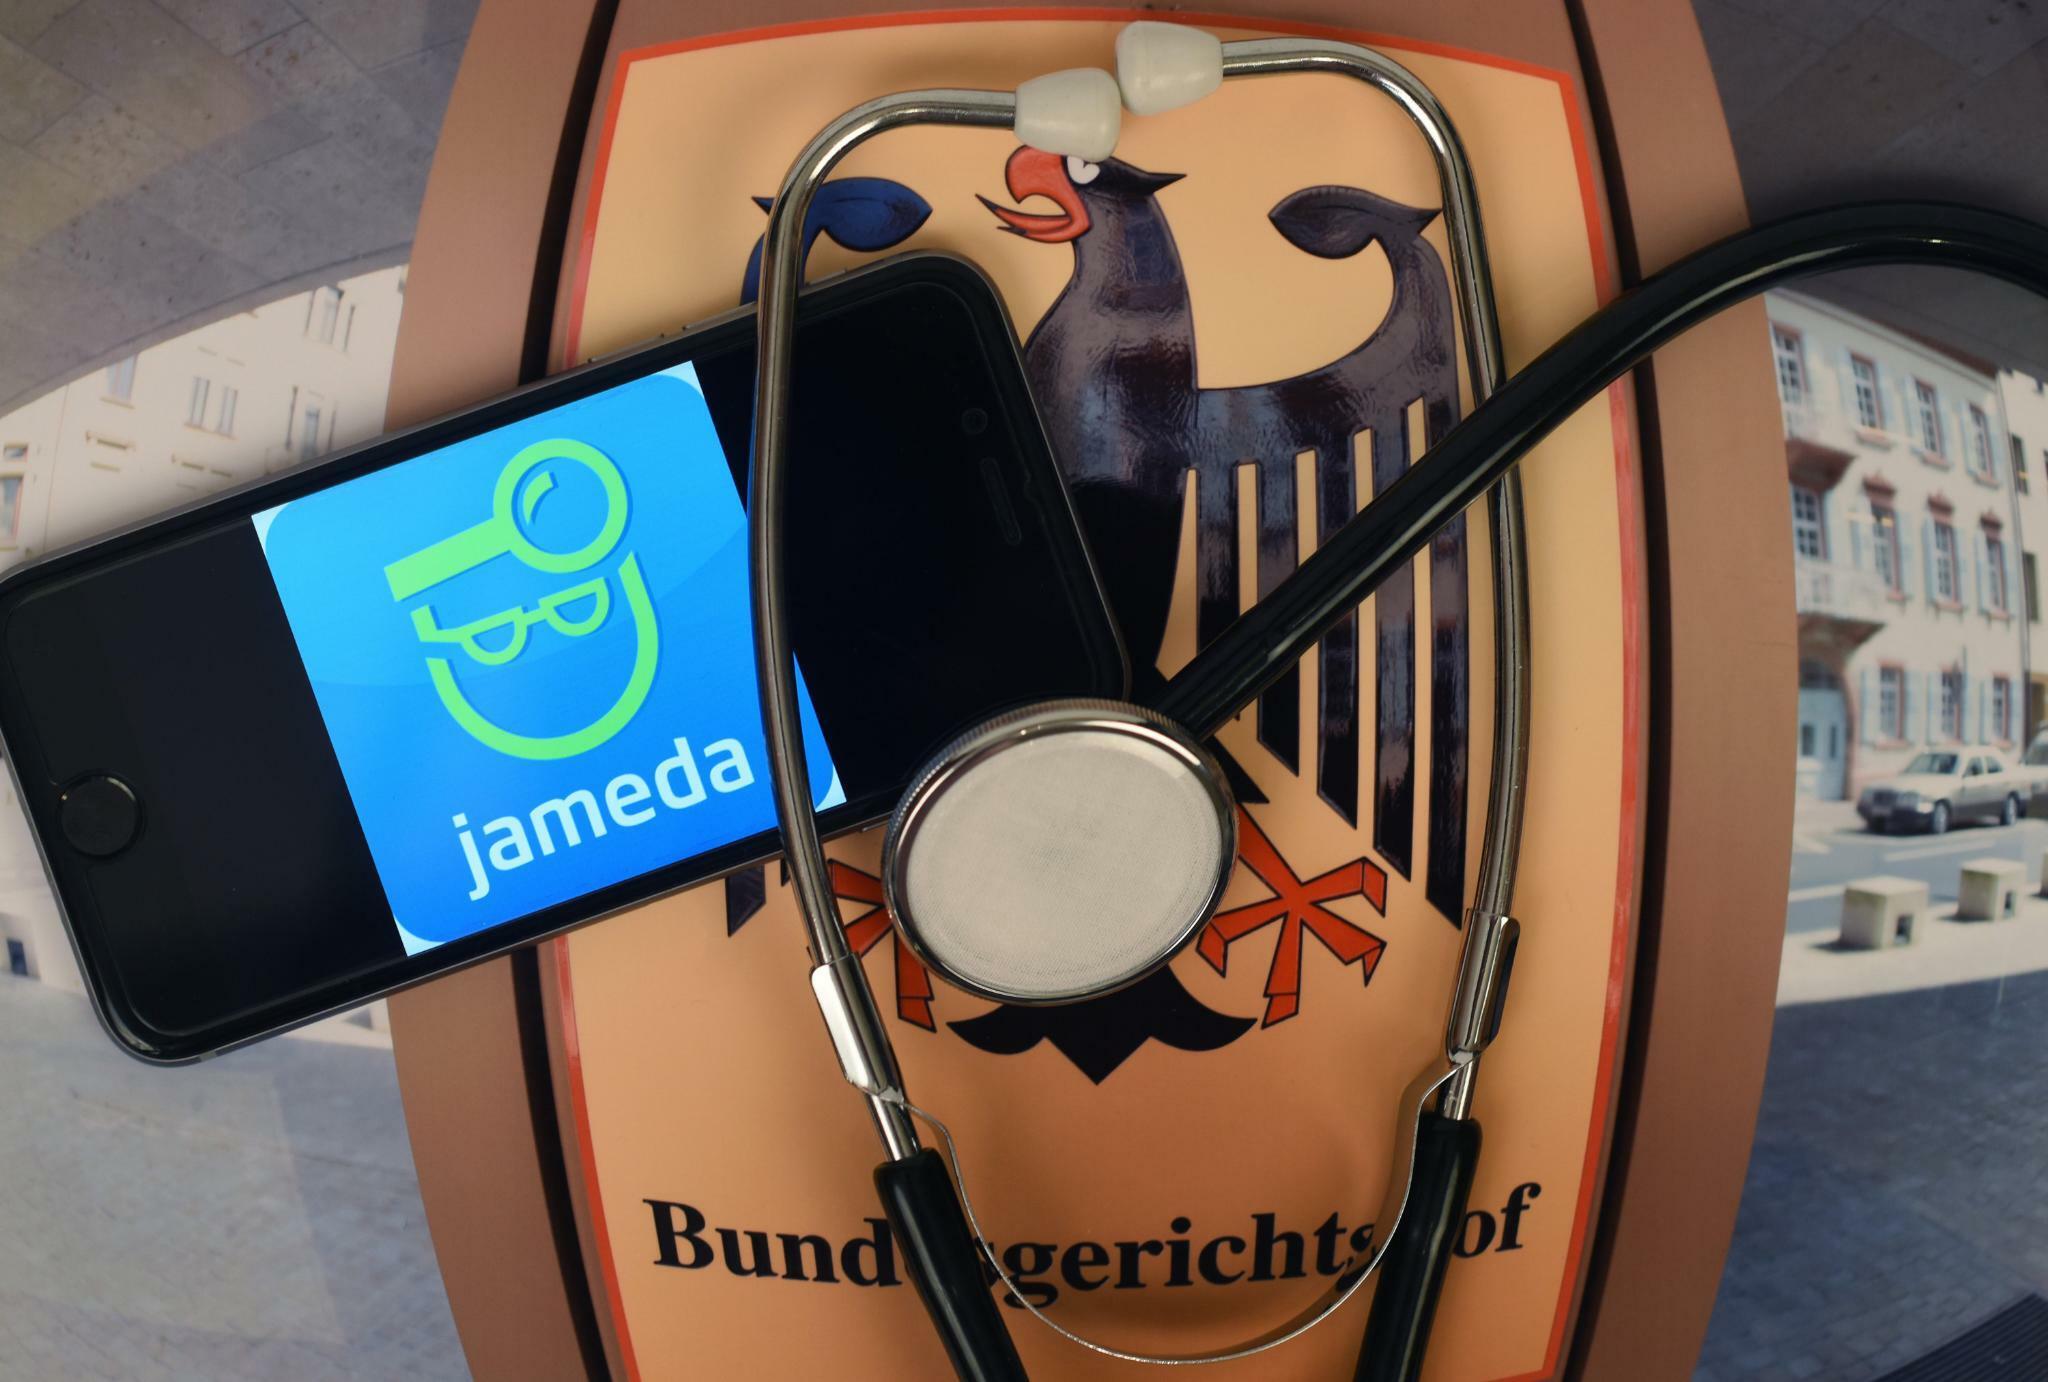 Jameda kann zum Löschen von Ärzte-Profilen gezwungen werden